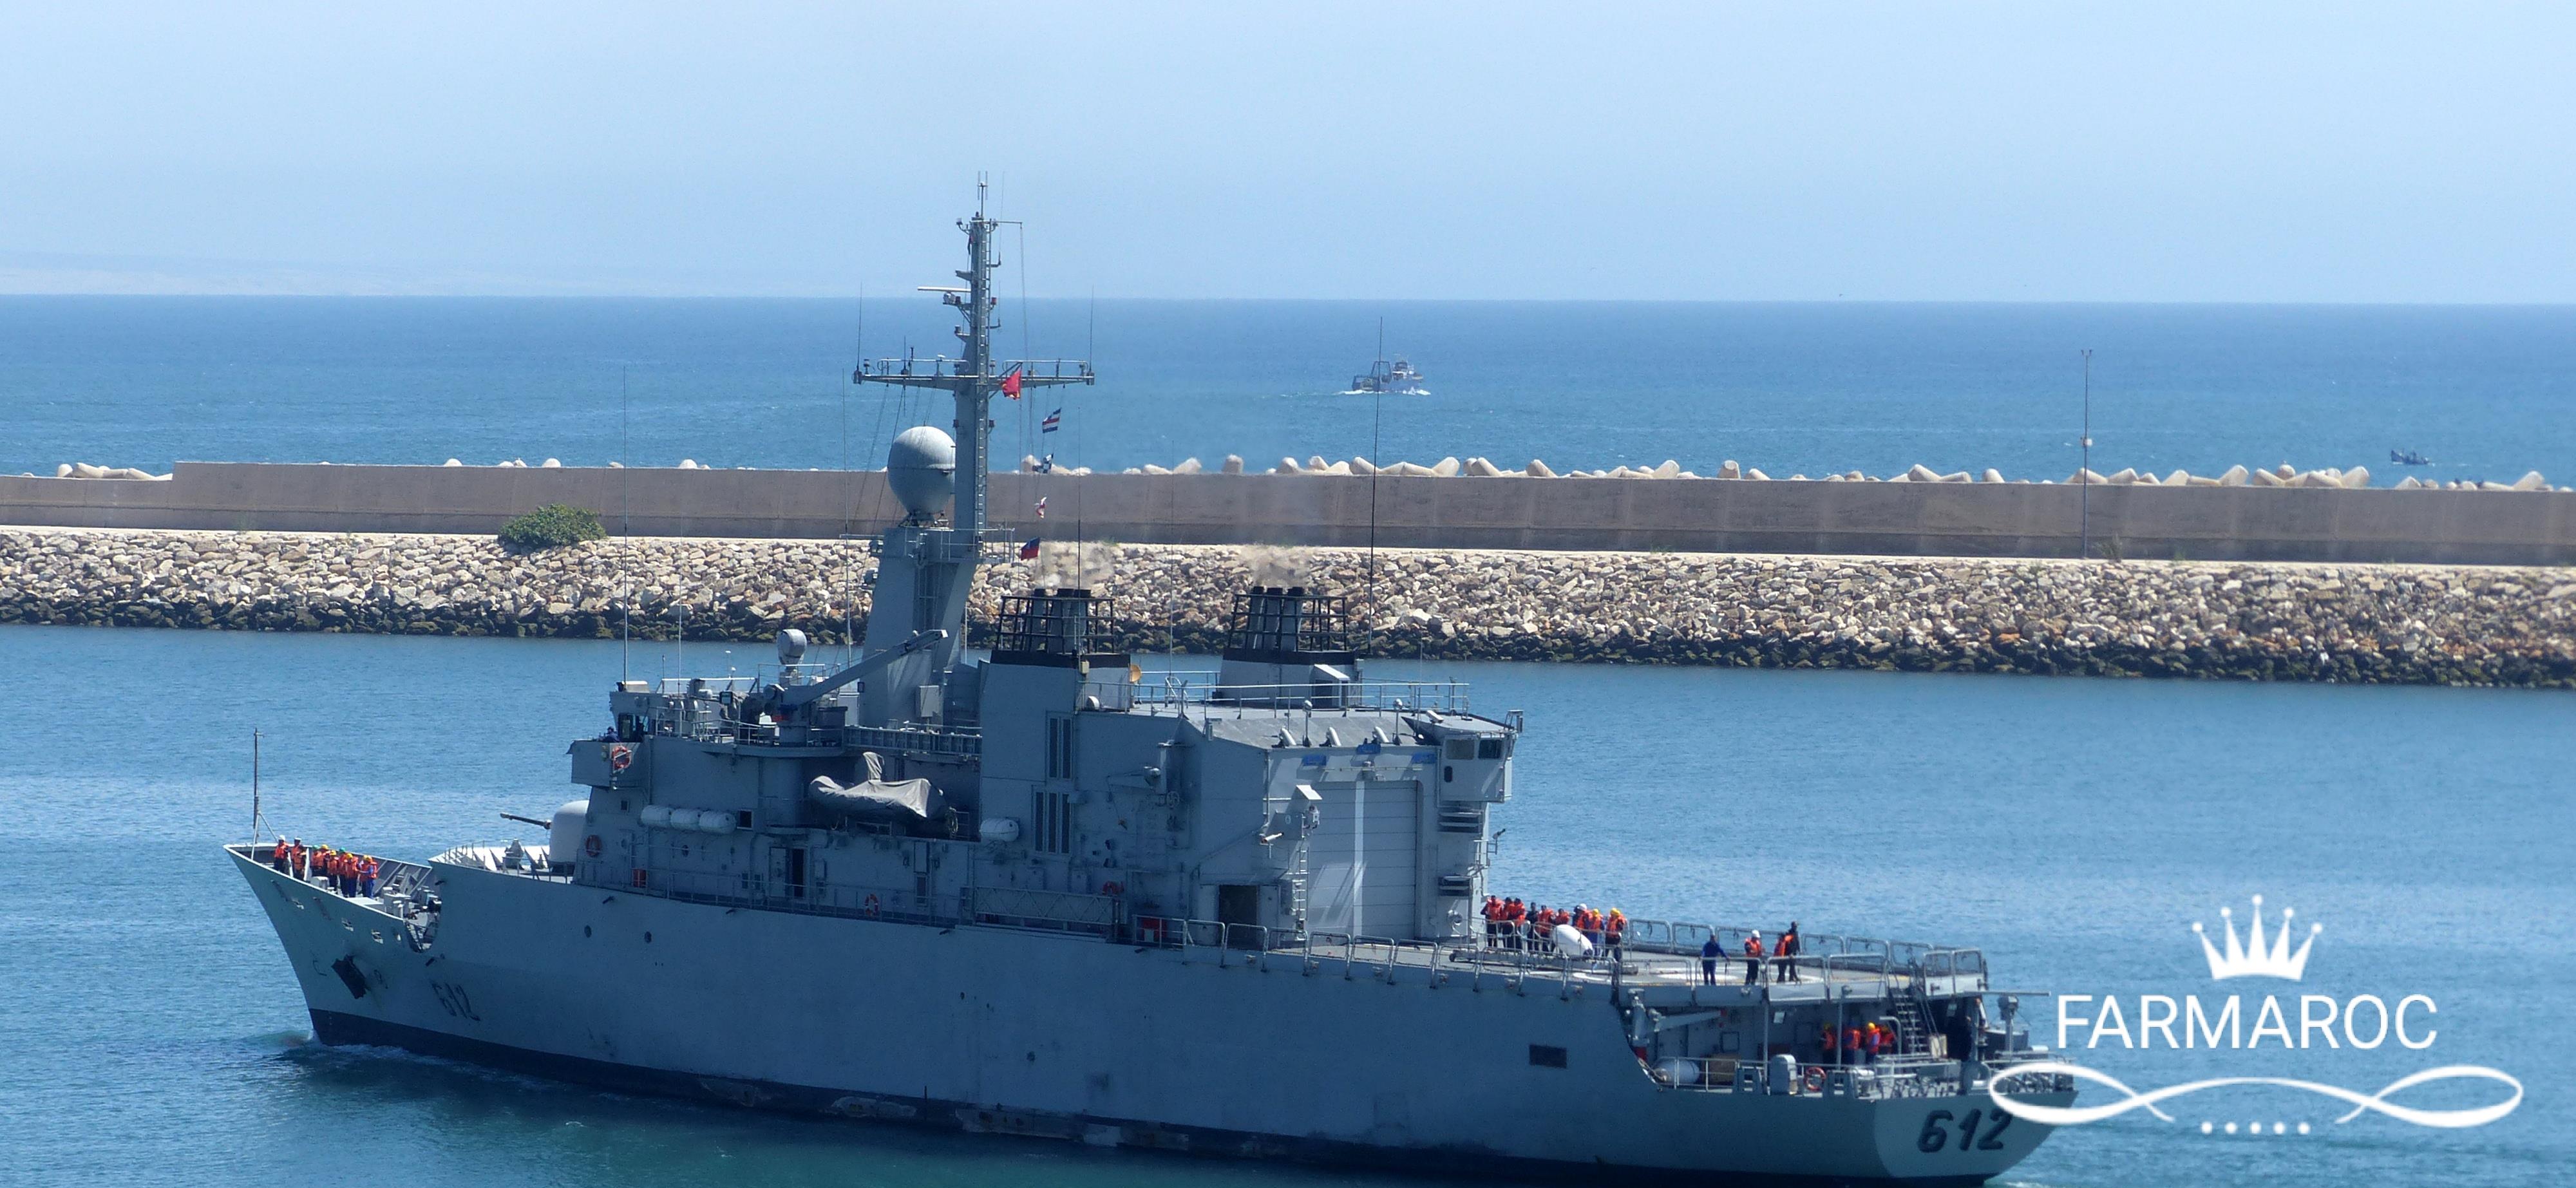 Royal Moroccan Navy Floréal Frigates / Frégates Floréal Marocaines - Page 13 40115939222_d3b9e96bce_o